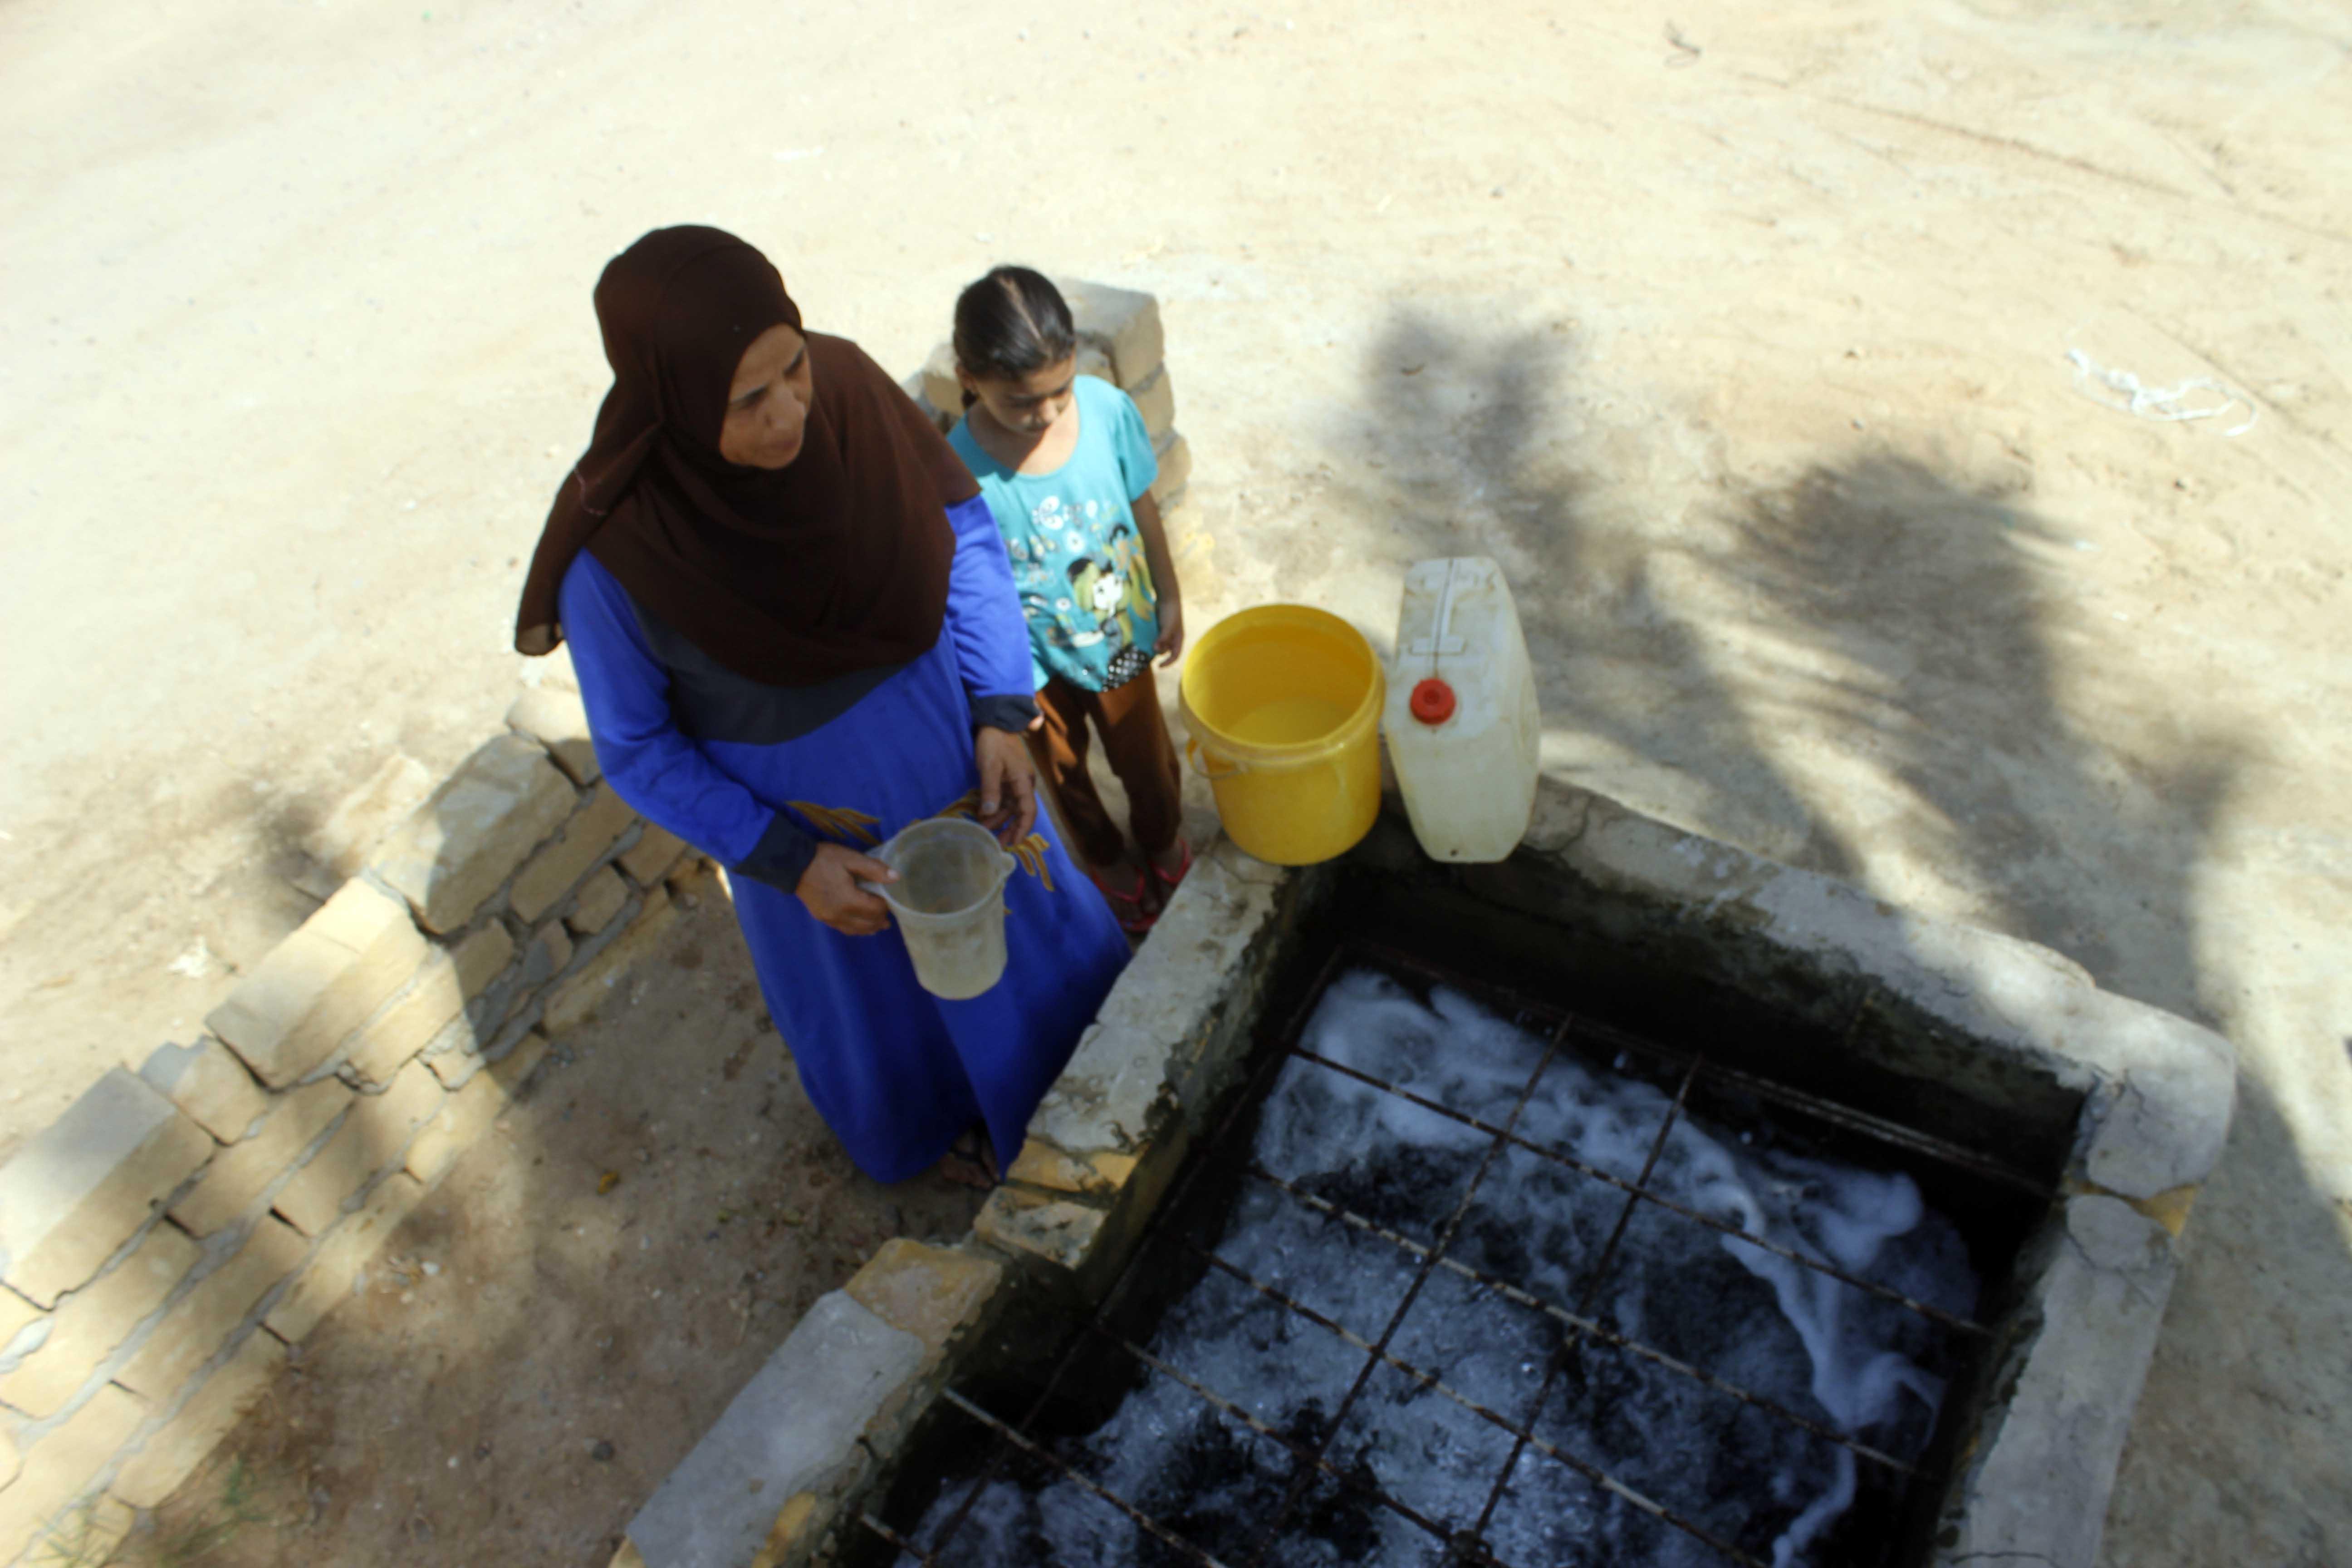 قري  تعيش بدون مياه  شرب  لأربعة أشهر  - تصوير  محمد عوض  (15)